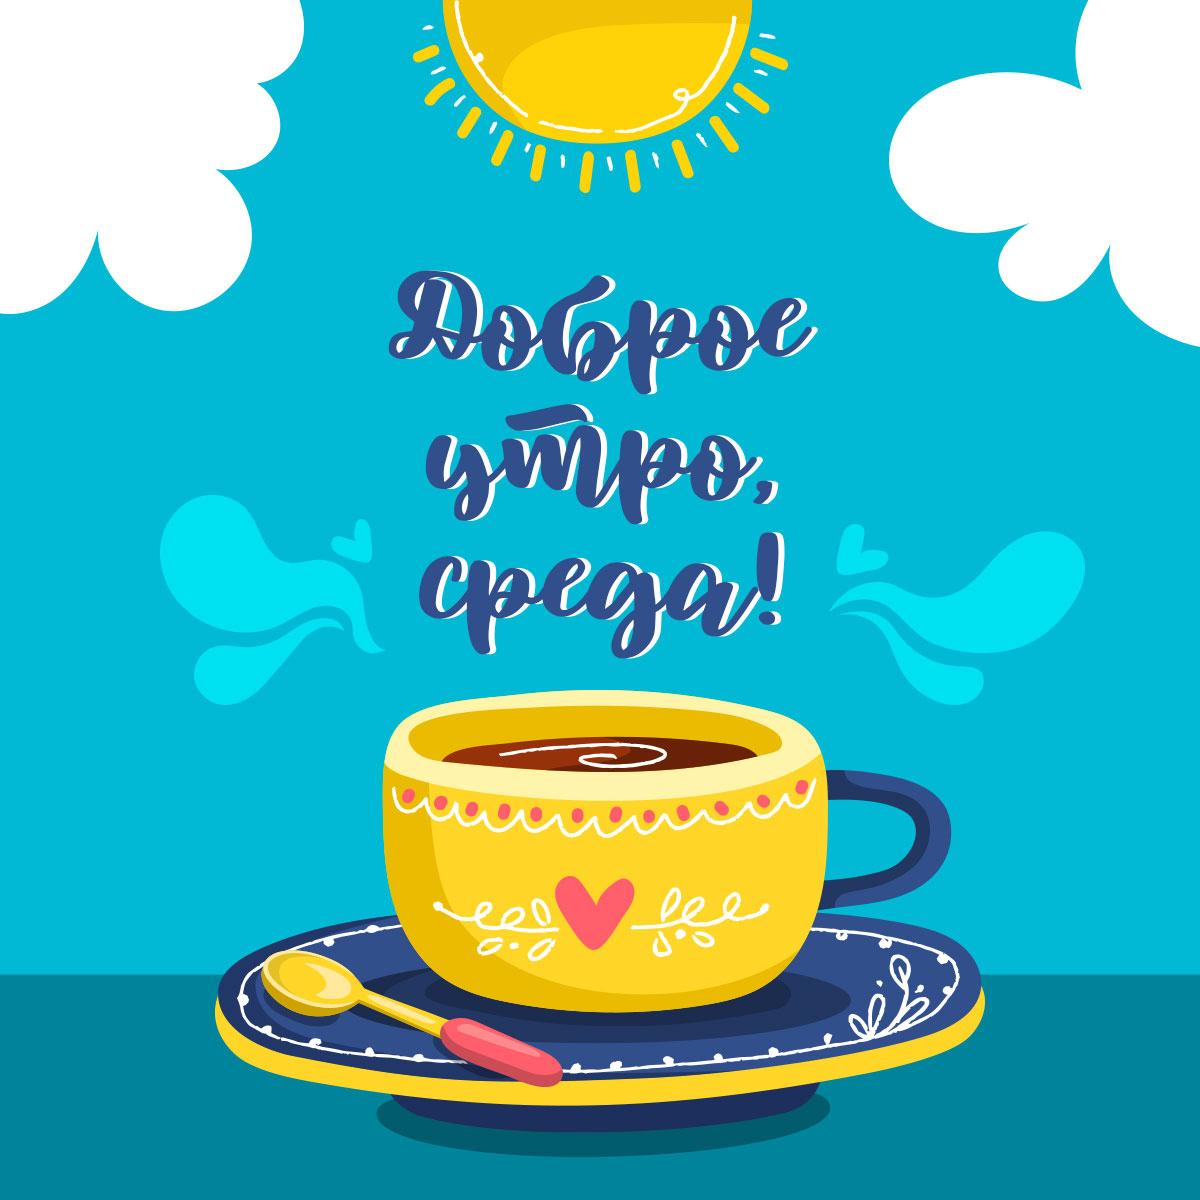 Фарфоровая кофейная чашка на блюдце с чайной ложкой на синем фоне.